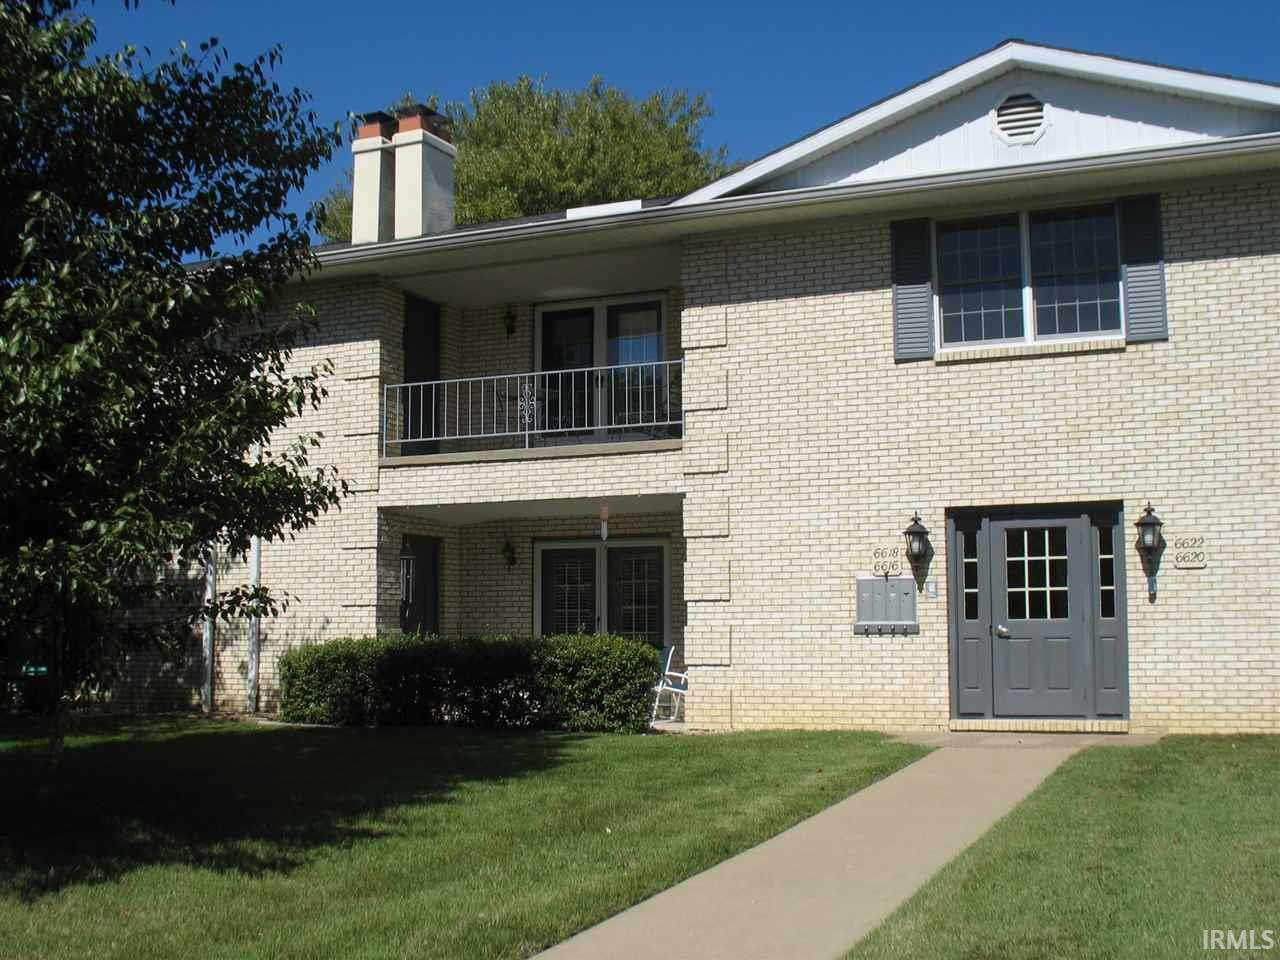 6702 Newburgh, Evansville, IN 47715